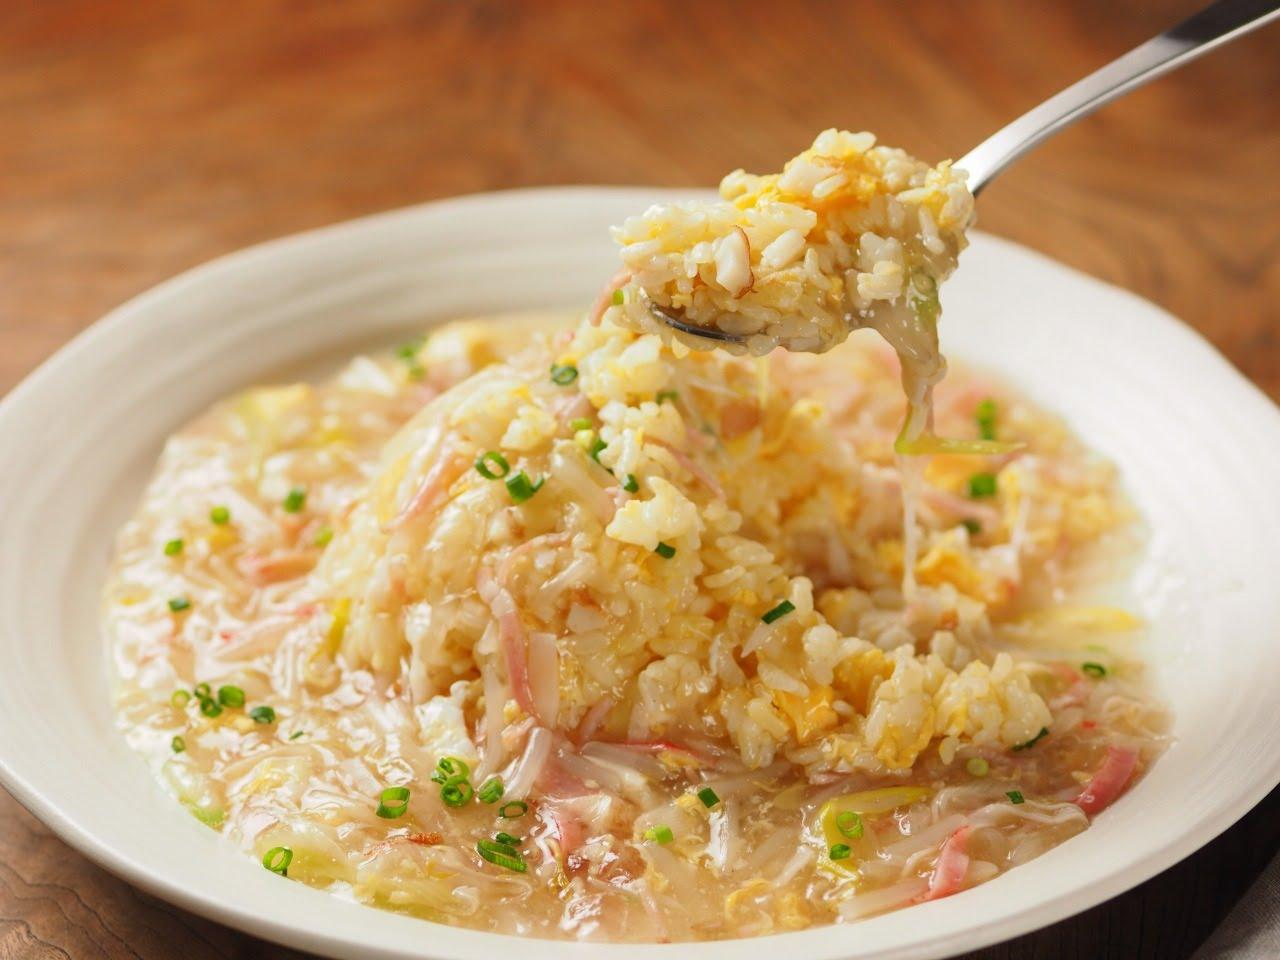 チャーハンがさらに美味しくなる!あんかけチャーハンレシピまとめのサムネイル画像